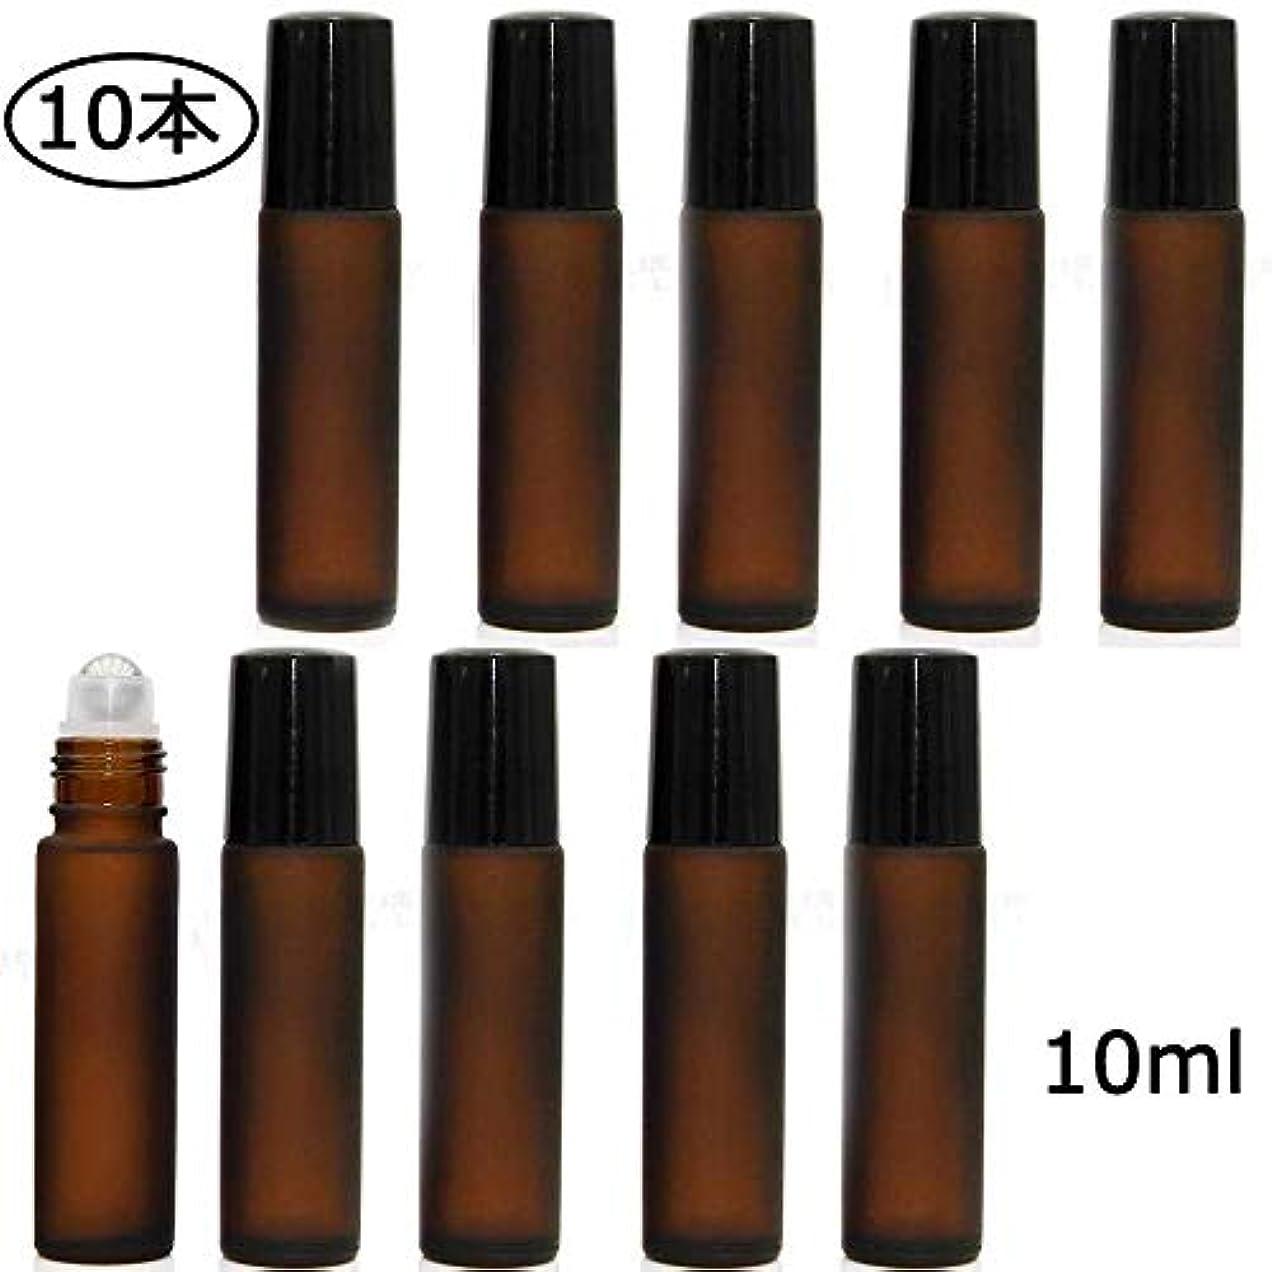 調整可能噂ライオネルグリーンストリートgundoop ロールオンボトル アロマオイル 精油 小分け用 遮光瓶 10ml 10本セット ガラスロールタイプ (茶色)